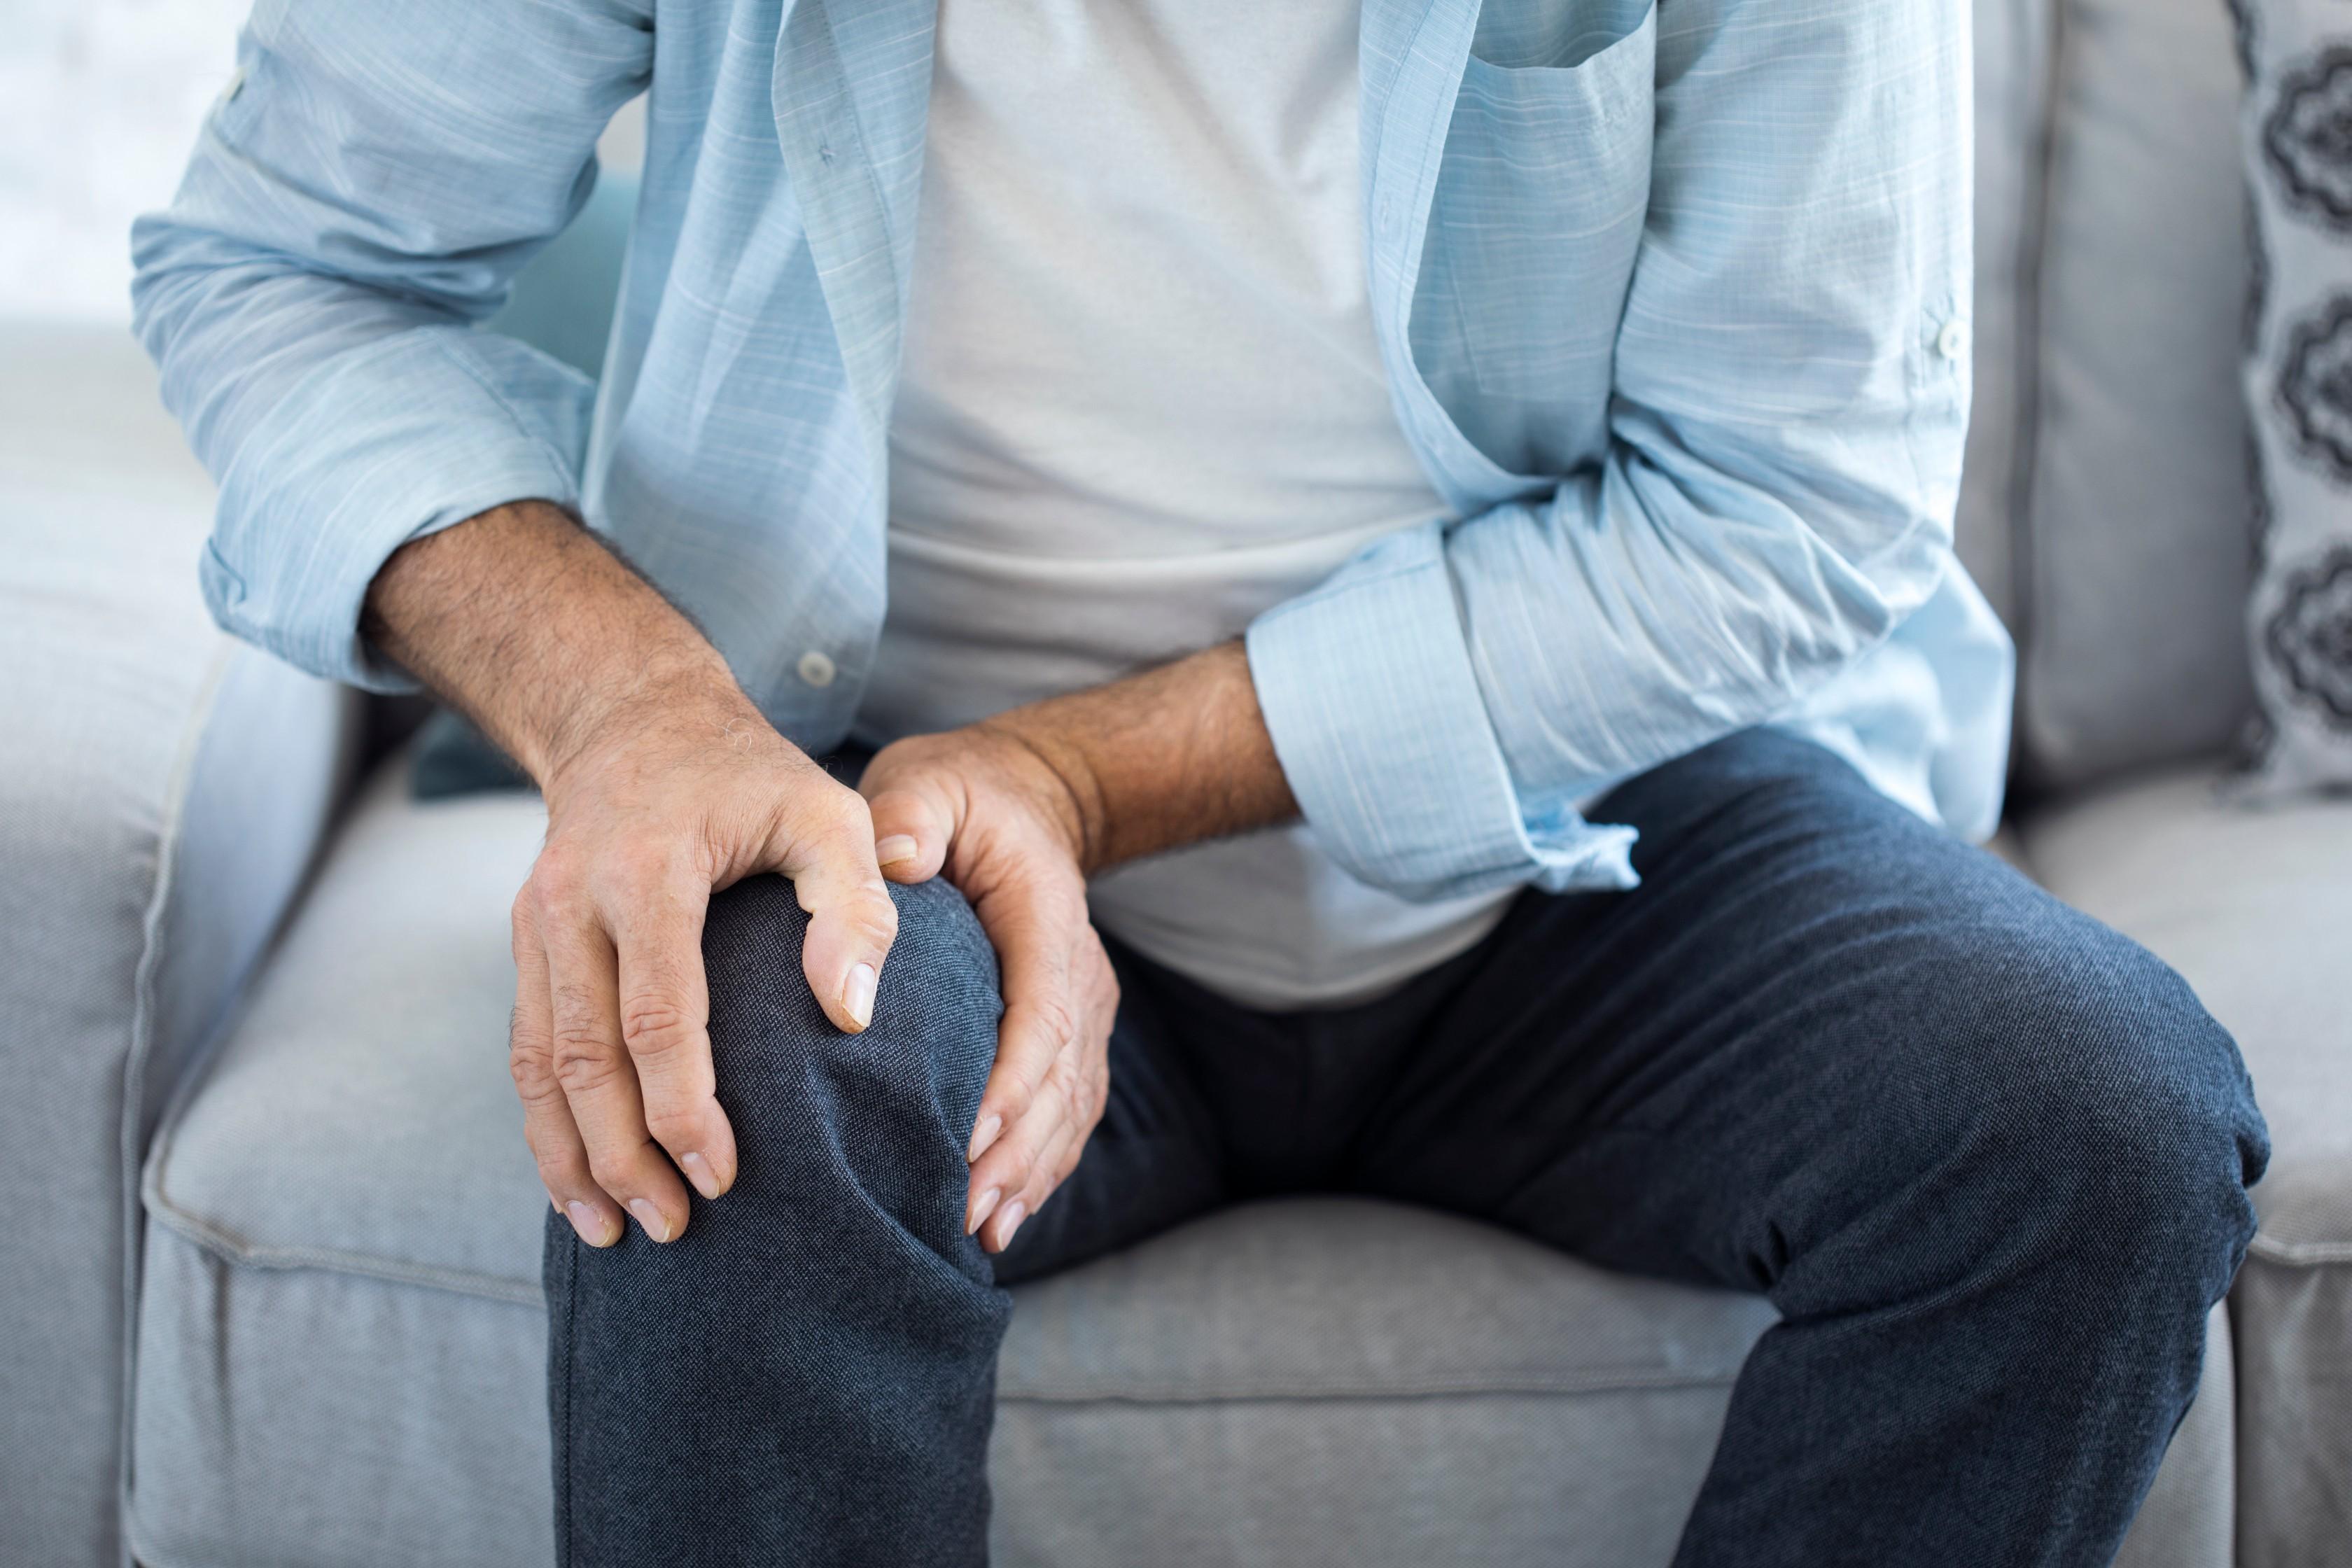 ficus ízületi fájdalom esetén